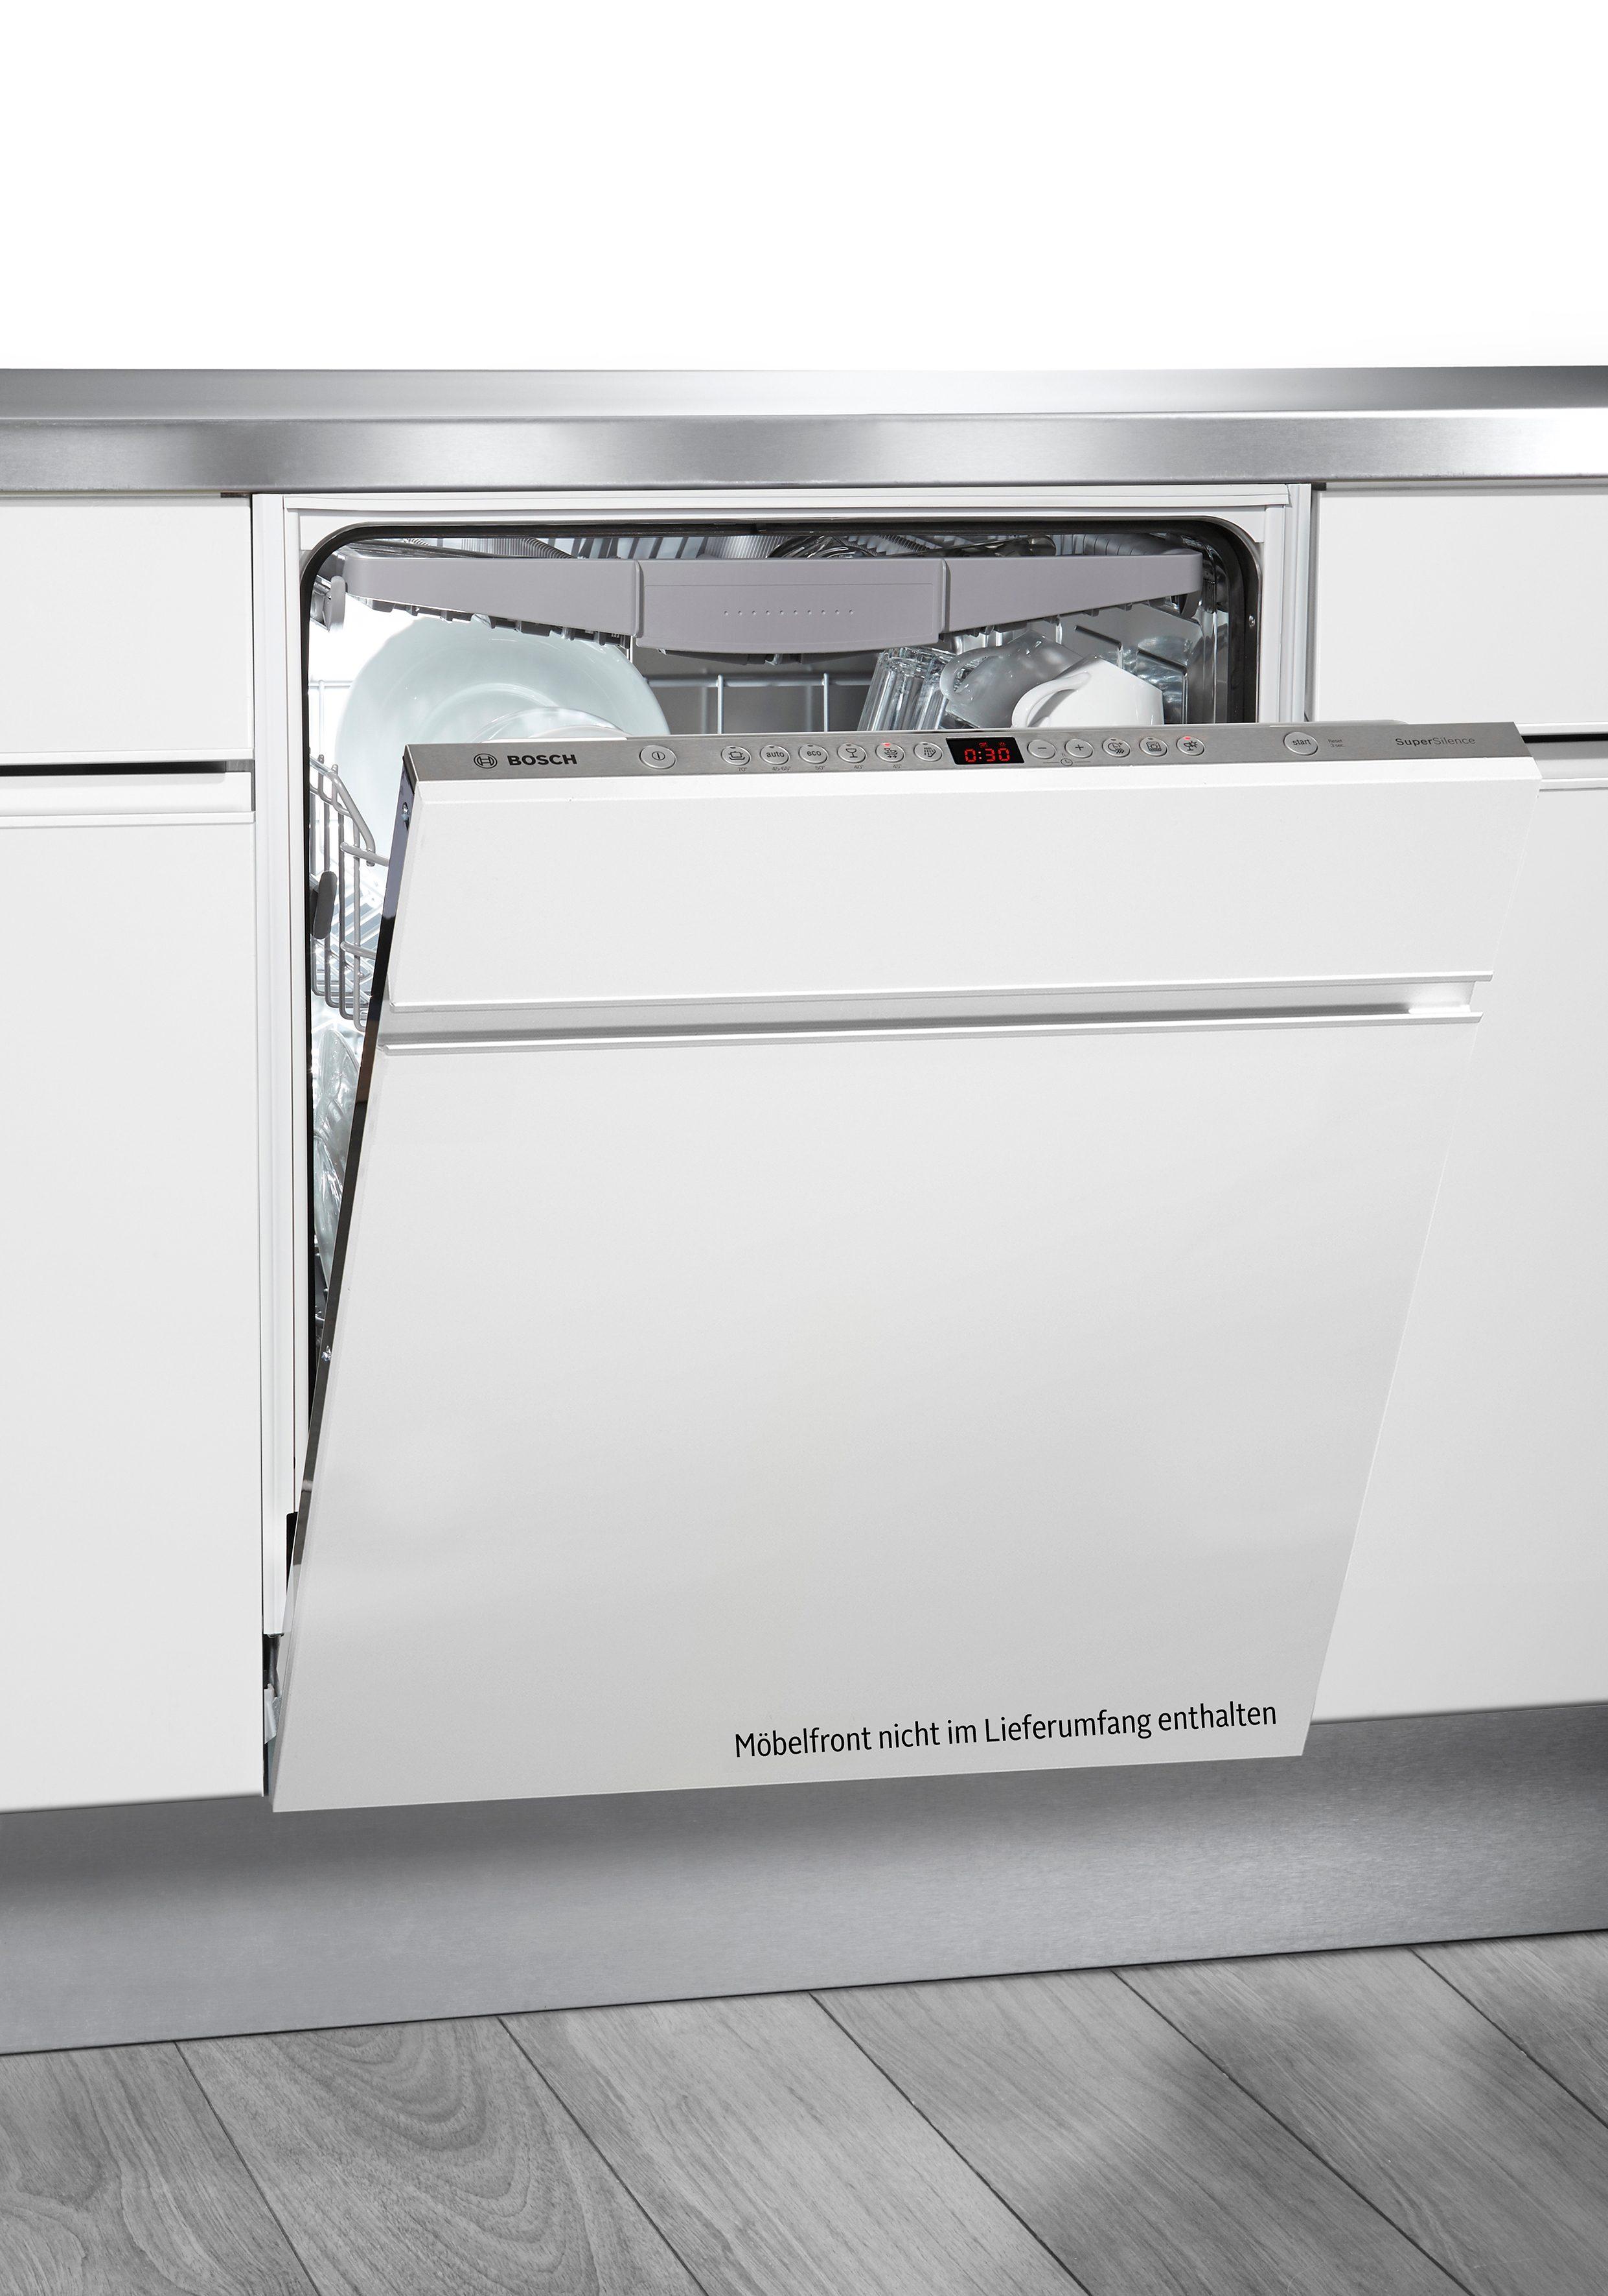 Bosch vollintegrierter Einbaugeschirrspüler XXL SBV68N60EU, A+++, 9,5 Liter, 14 Maßgedecke